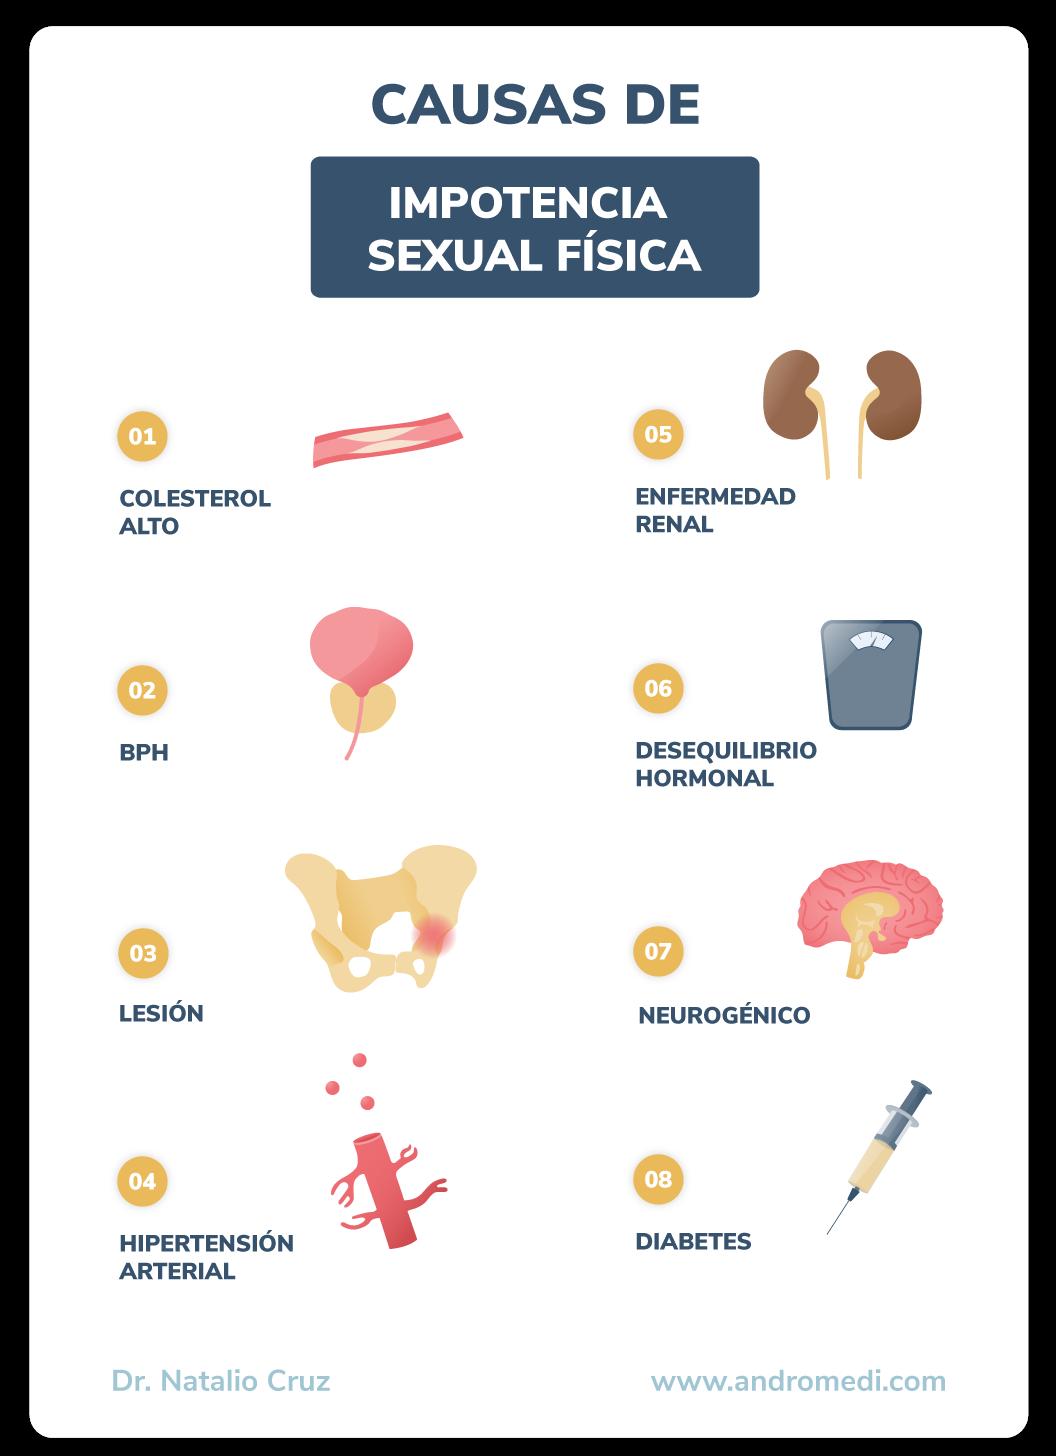 andromedi causas de la impotencia sexual fisica 01